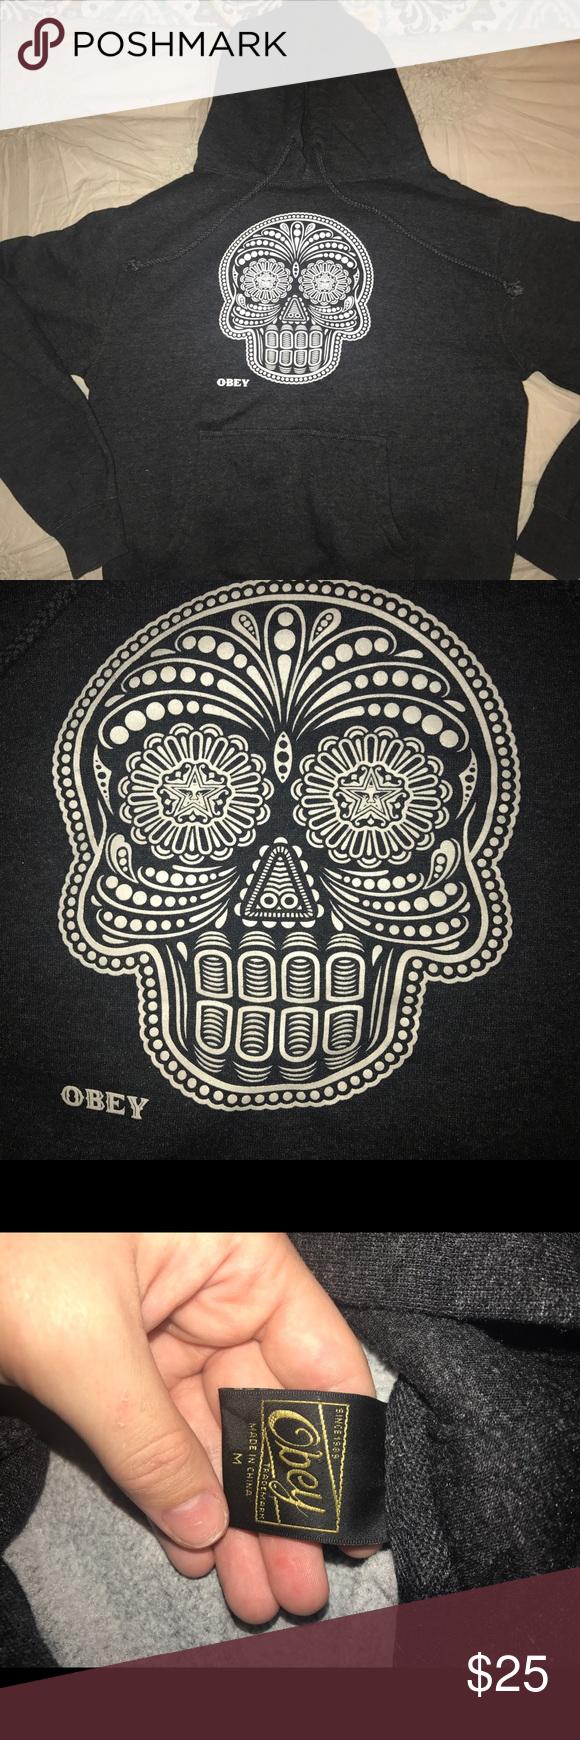 obey hoodie dark grey/almost black Obey hoodie. skull glows in the dark. great condition Obey Tops Sweatshirts & Hoodies